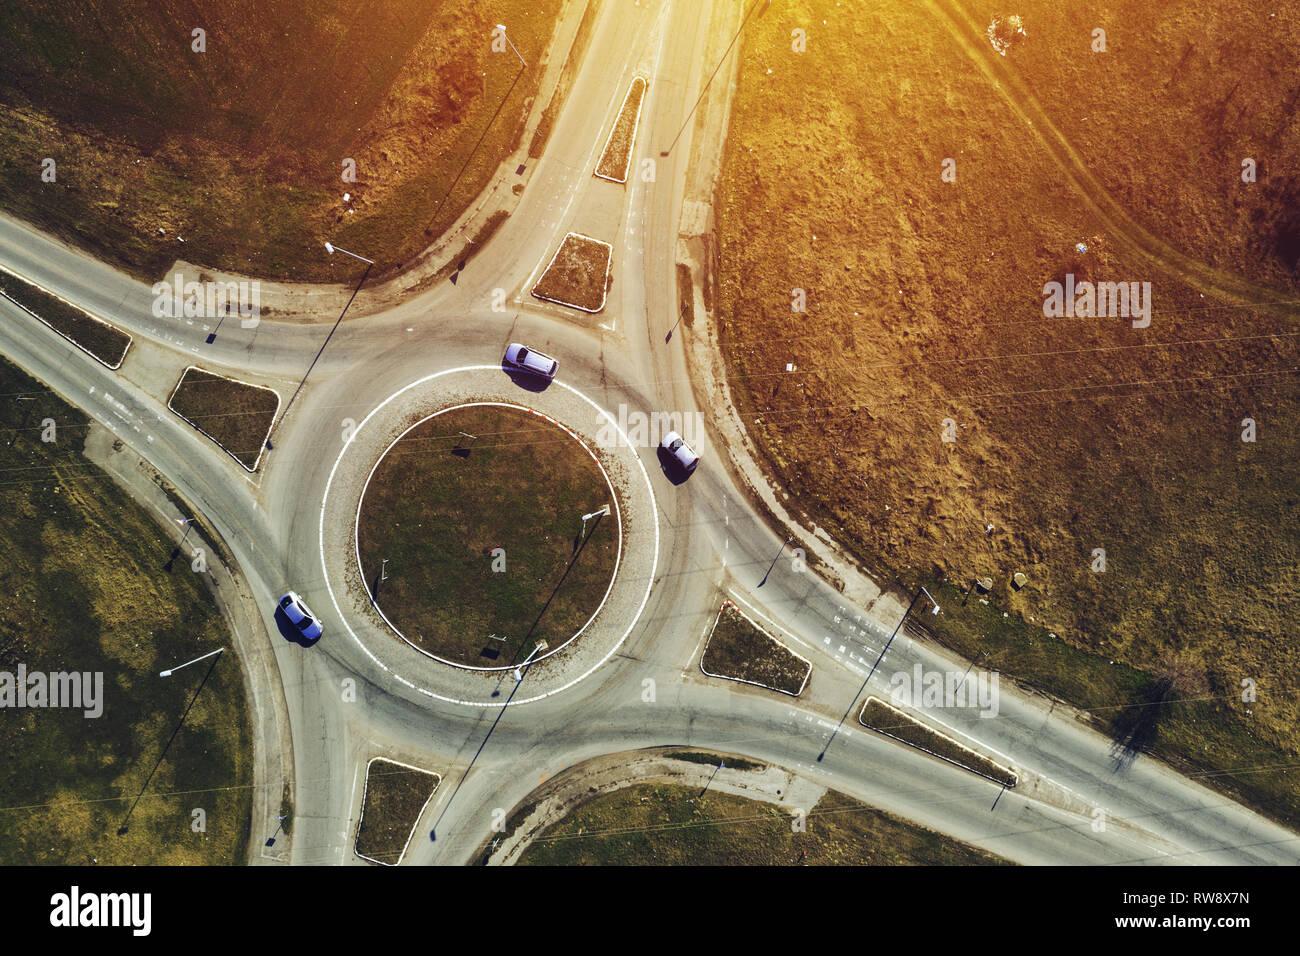 Luftaufnahme der Kreisverkehr Kreisverkehr Kreuzung, Ansicht von oben mit Autos Stockbild